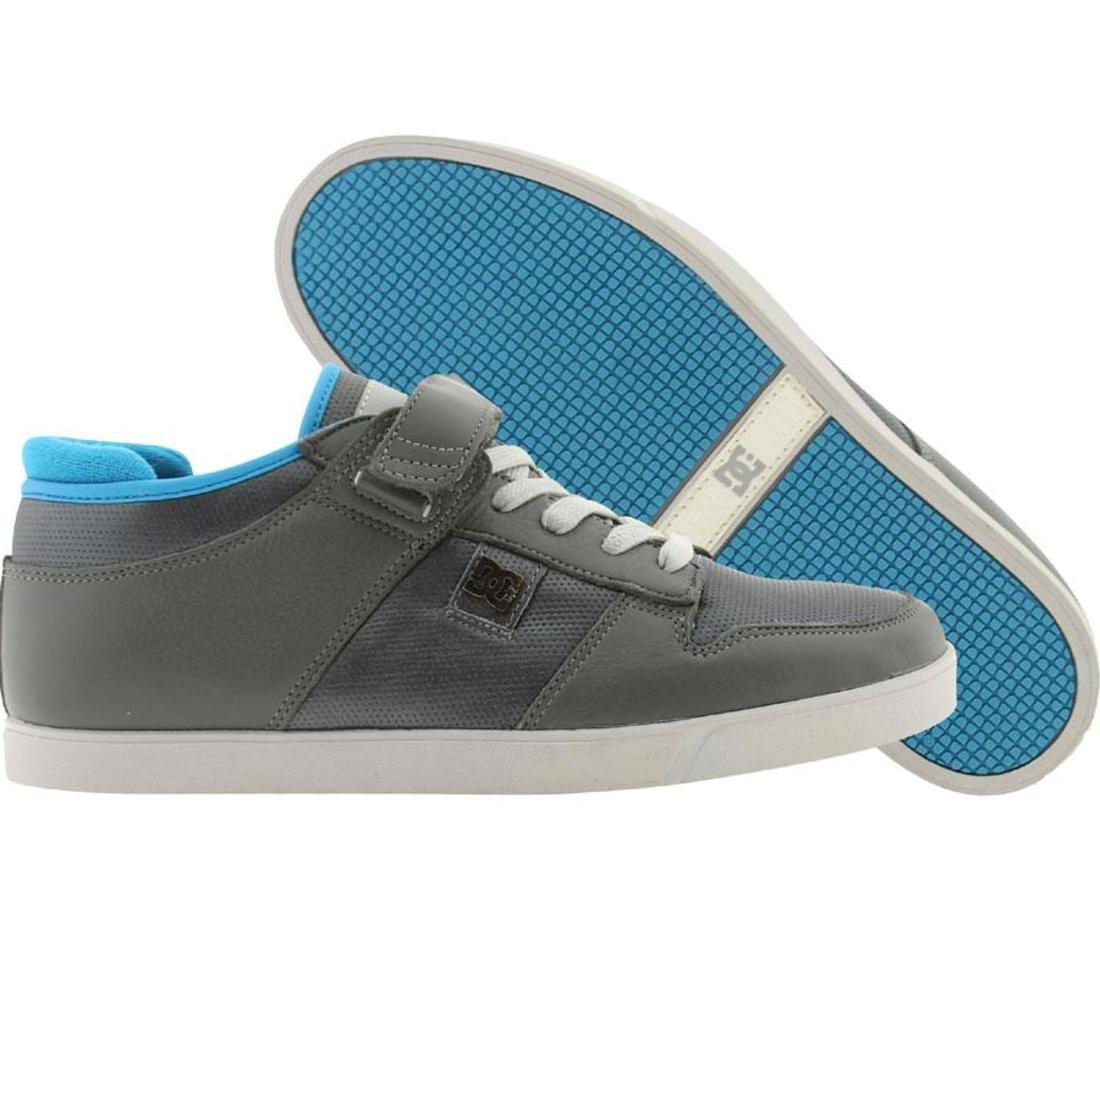 【海外限定】ディーシー コレクション ボルケーノ ヴォルケーノ メンズ靴 靴 【 DC LIFE COLLECTION VOLCANO DS GREY 】